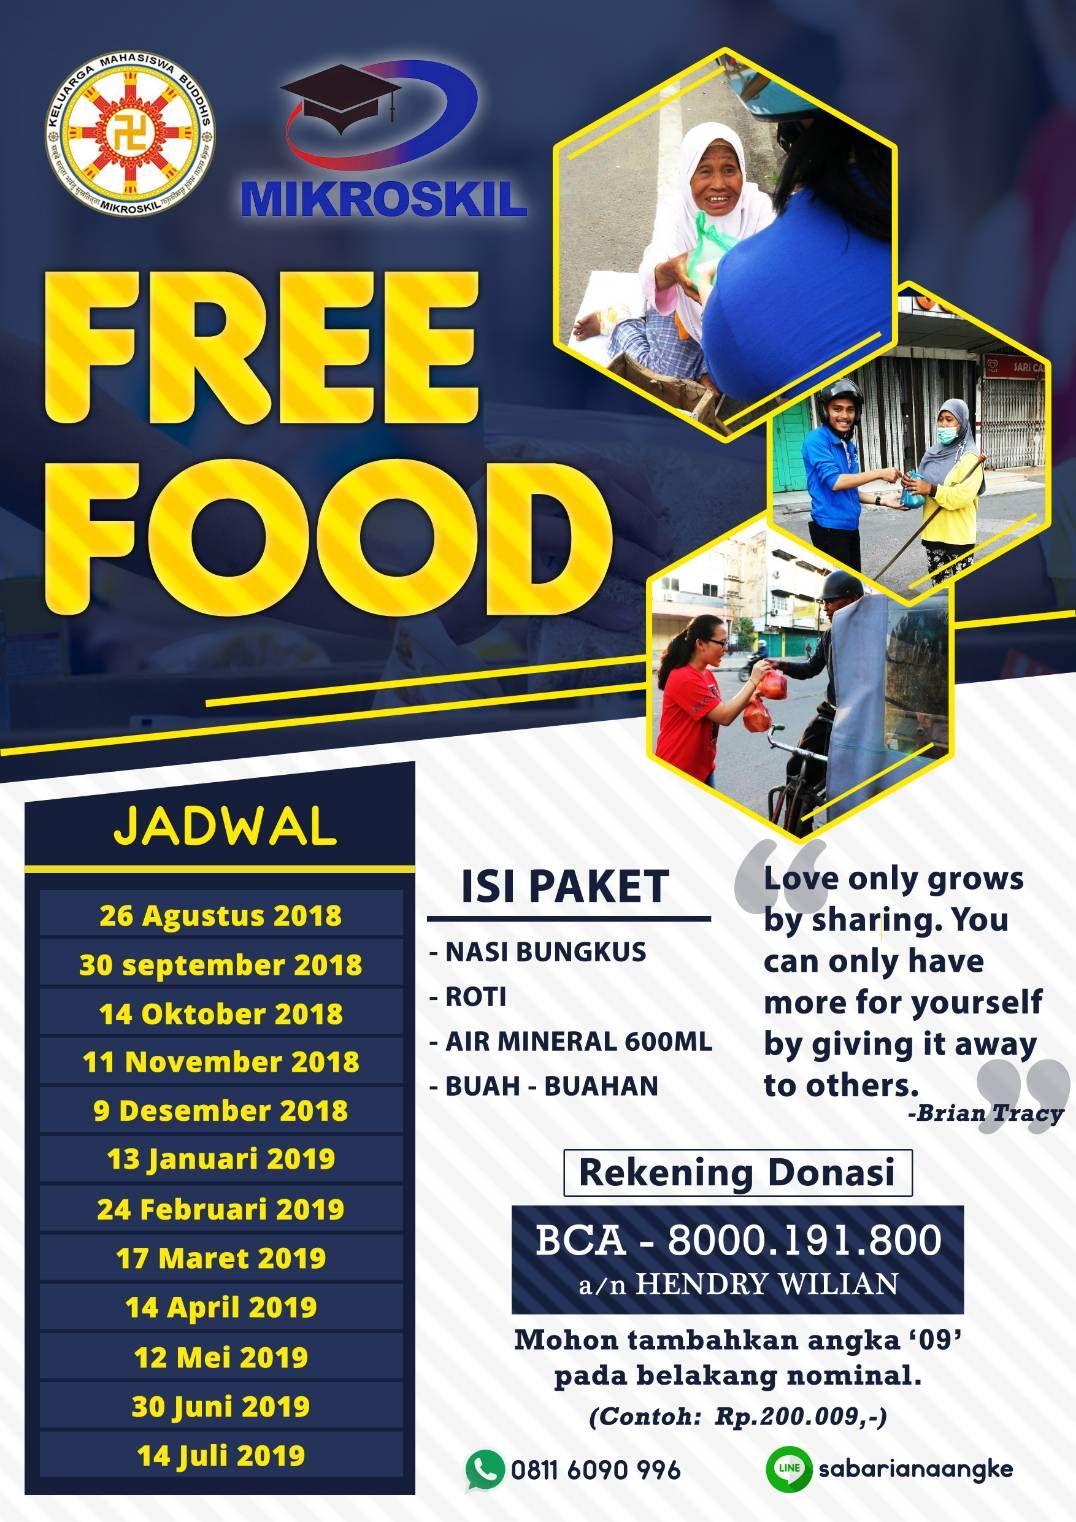 KMB Mikroskil kembali mengumumkan jadwal Free Food bulanan